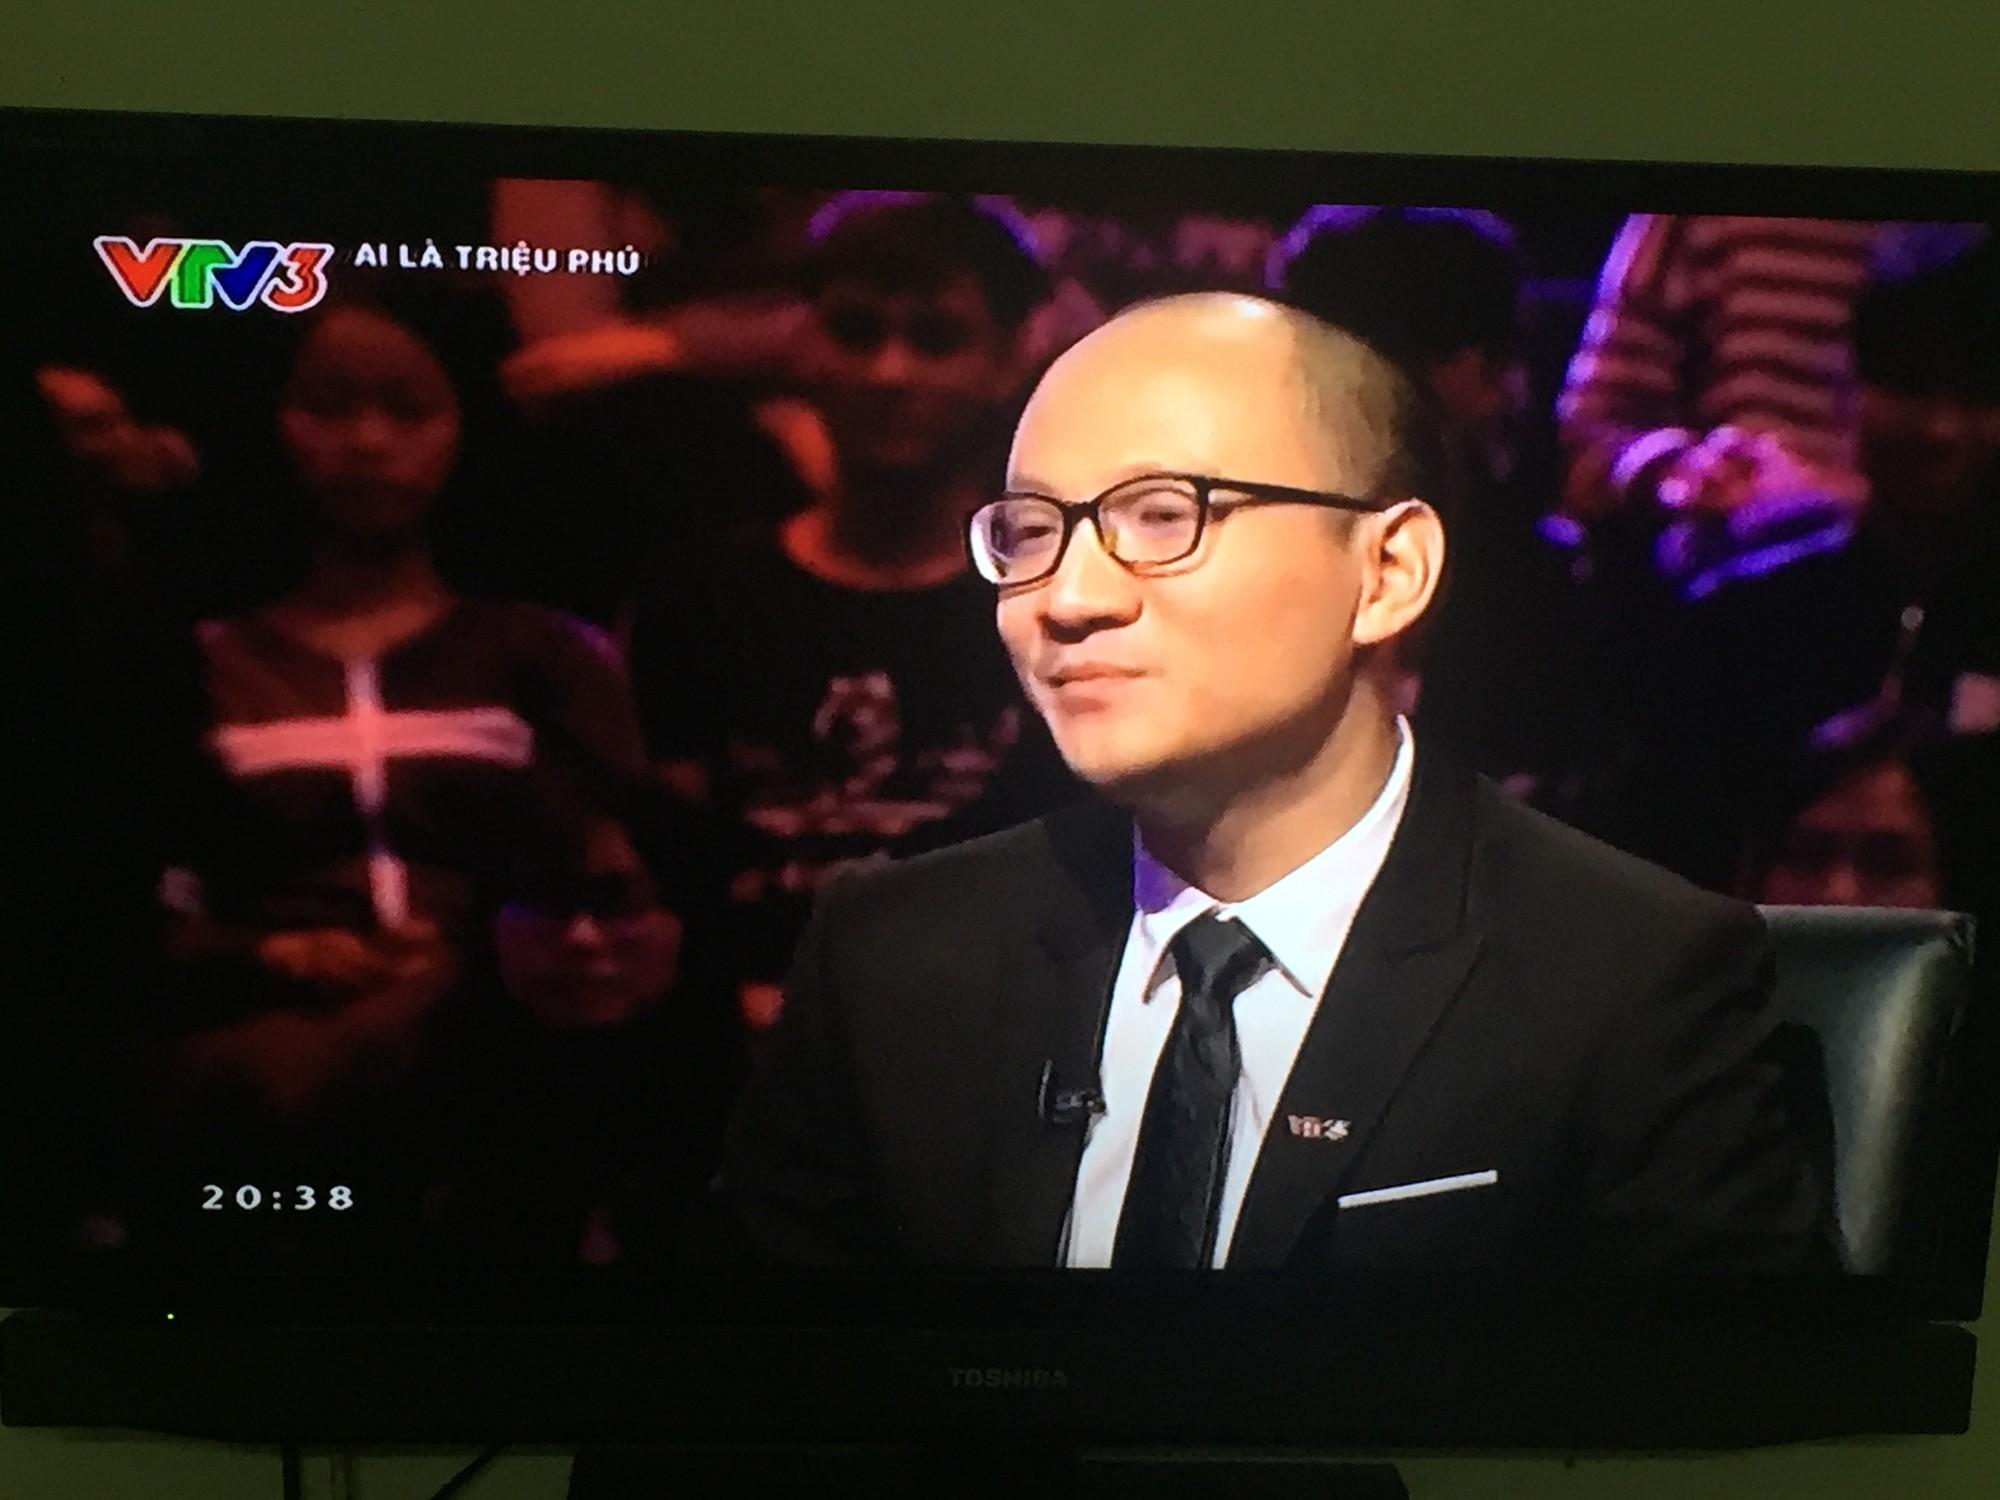 Ai là triệu phú 2018 lên sóng với MC mới - Phan Đăng, đã có người chơi mang về 22 triệu đồng - Ảnh 1.